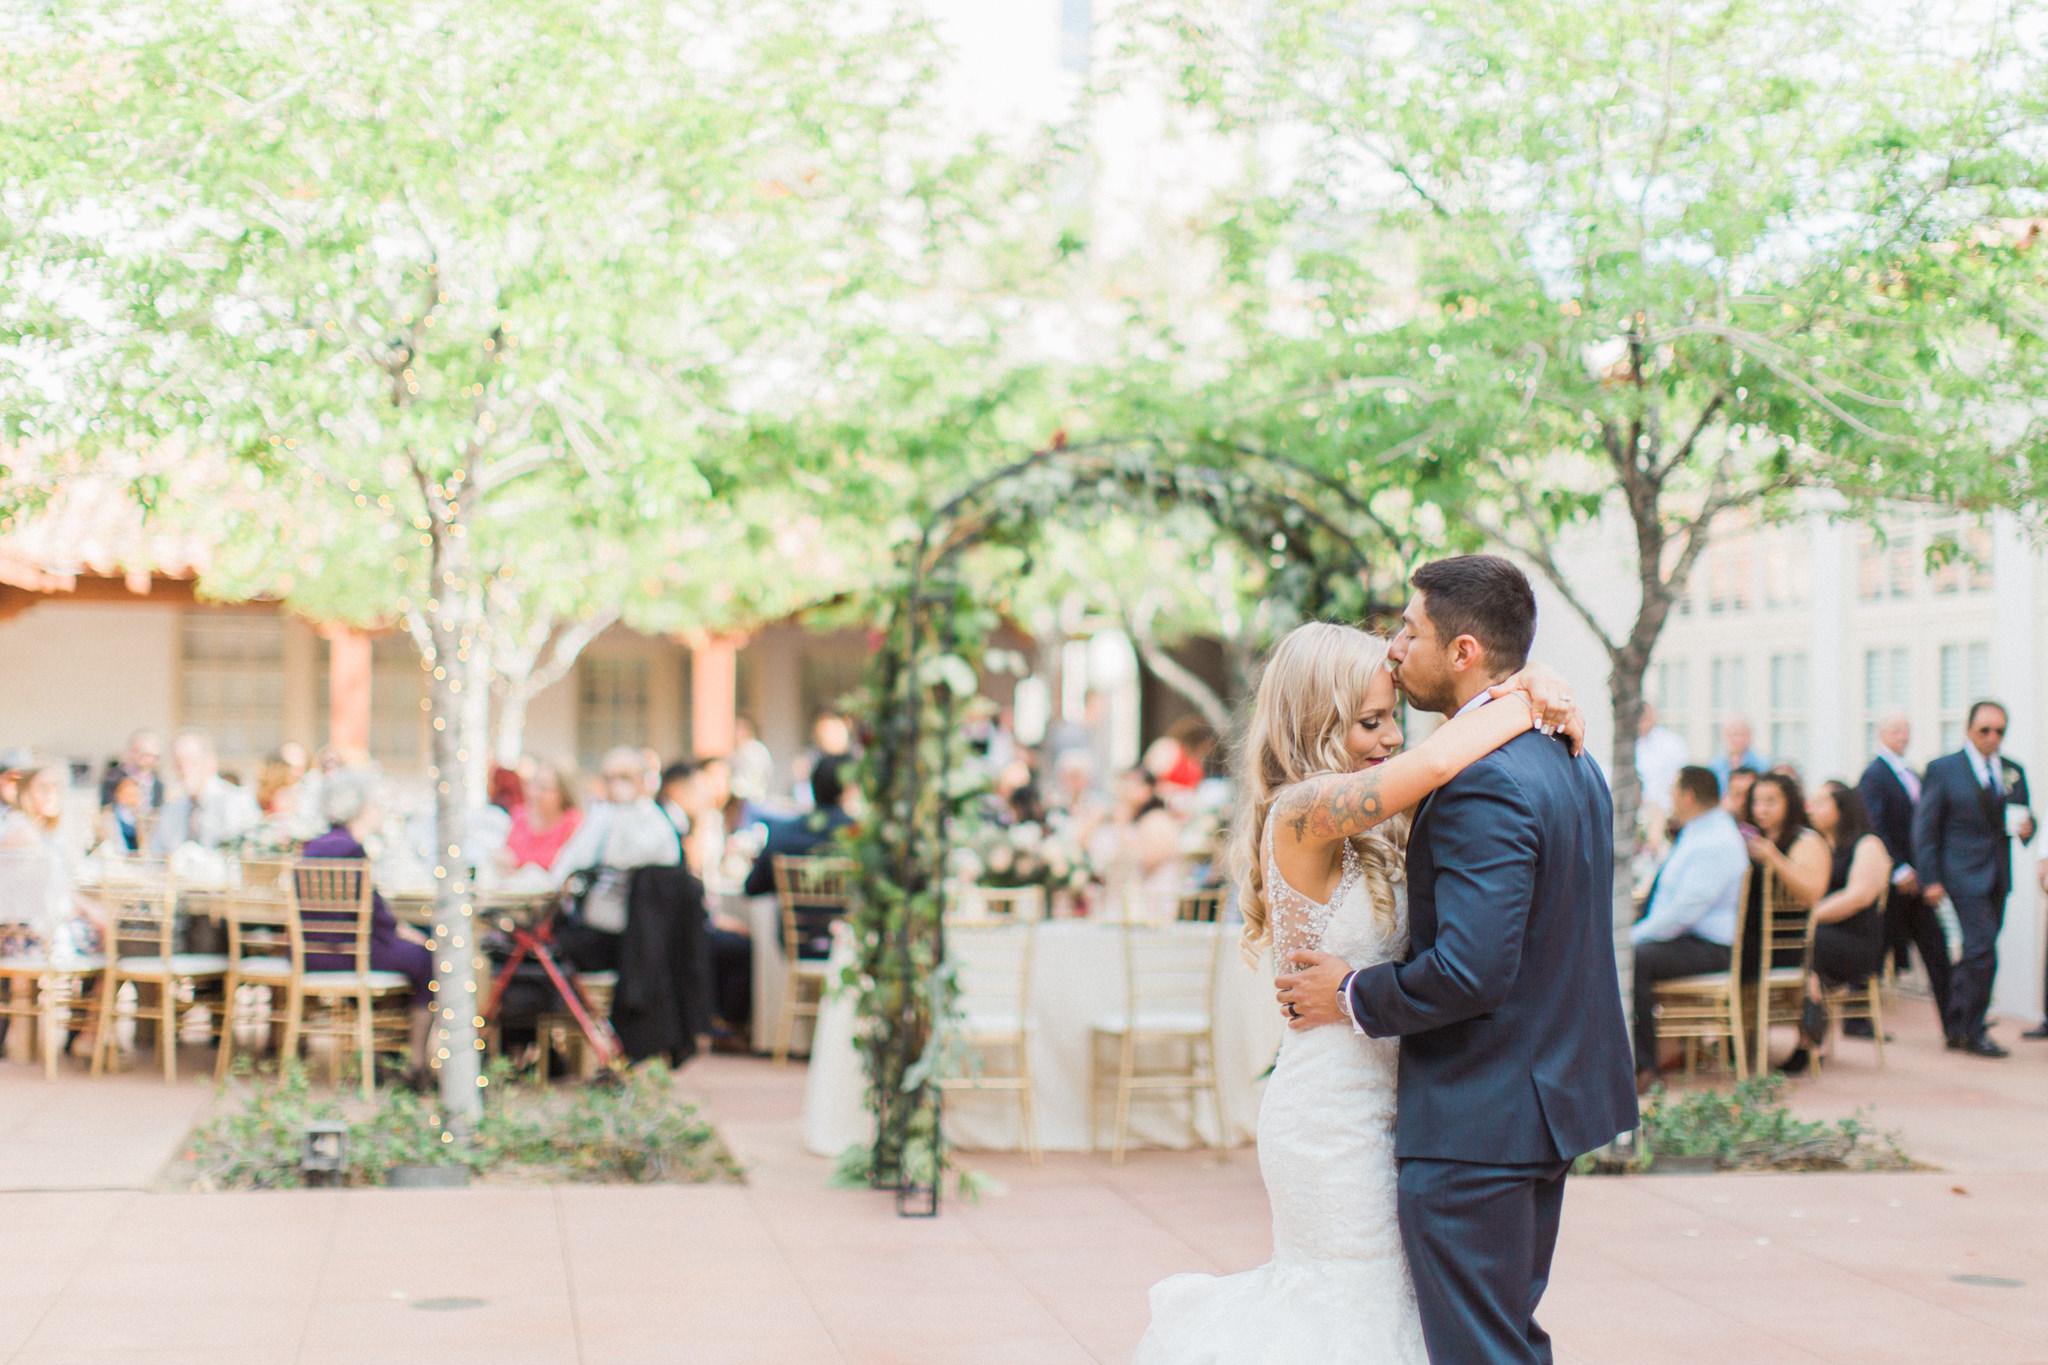 Gallery Las Vegas Weddings Wedding Planners Lv